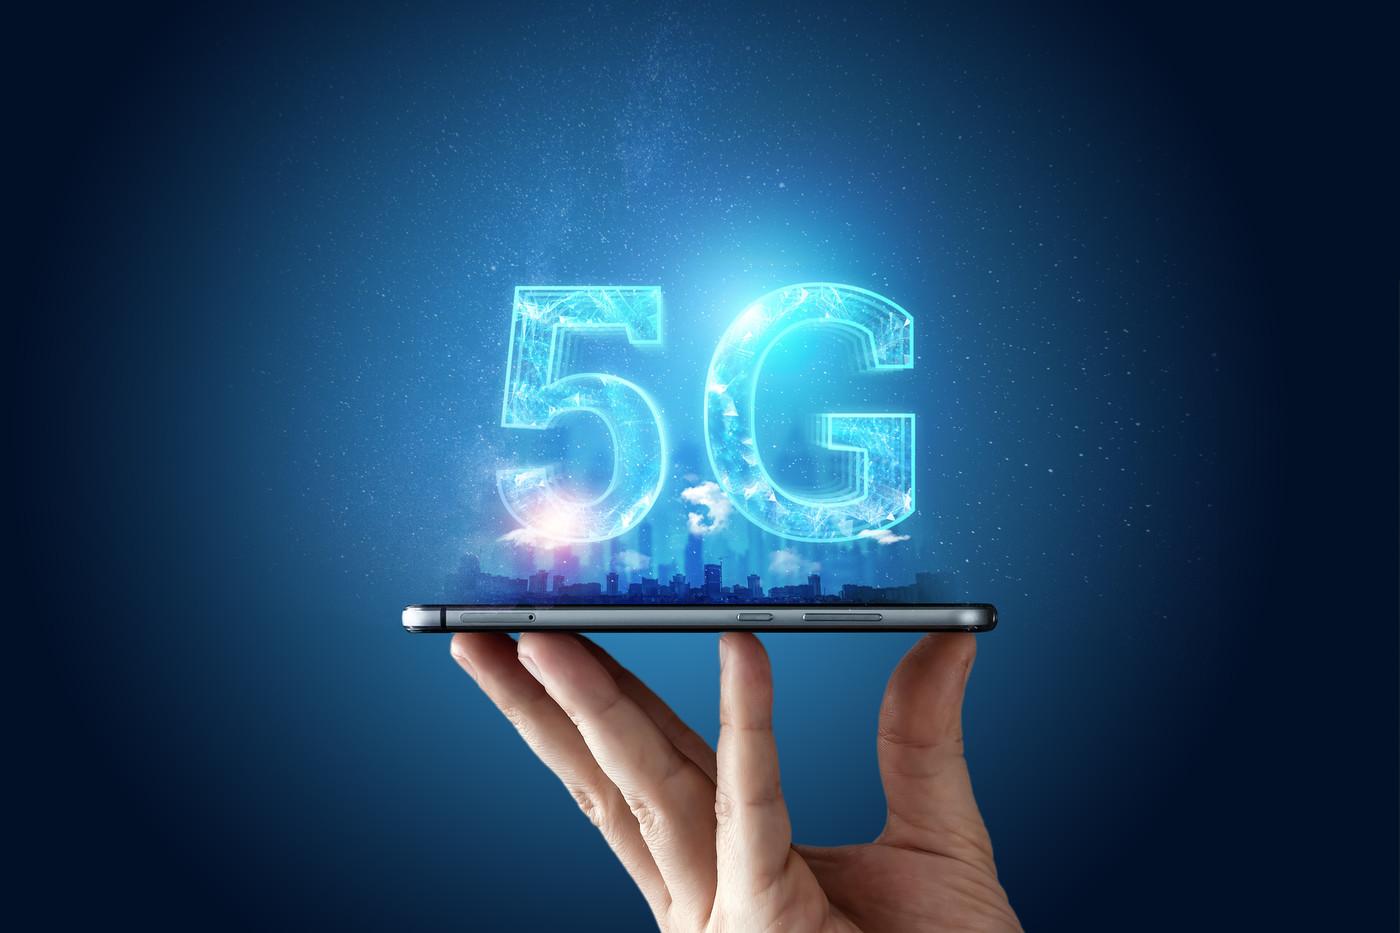 5G : utilité, dangers, infos, intox... Ce qu'il faut savoir